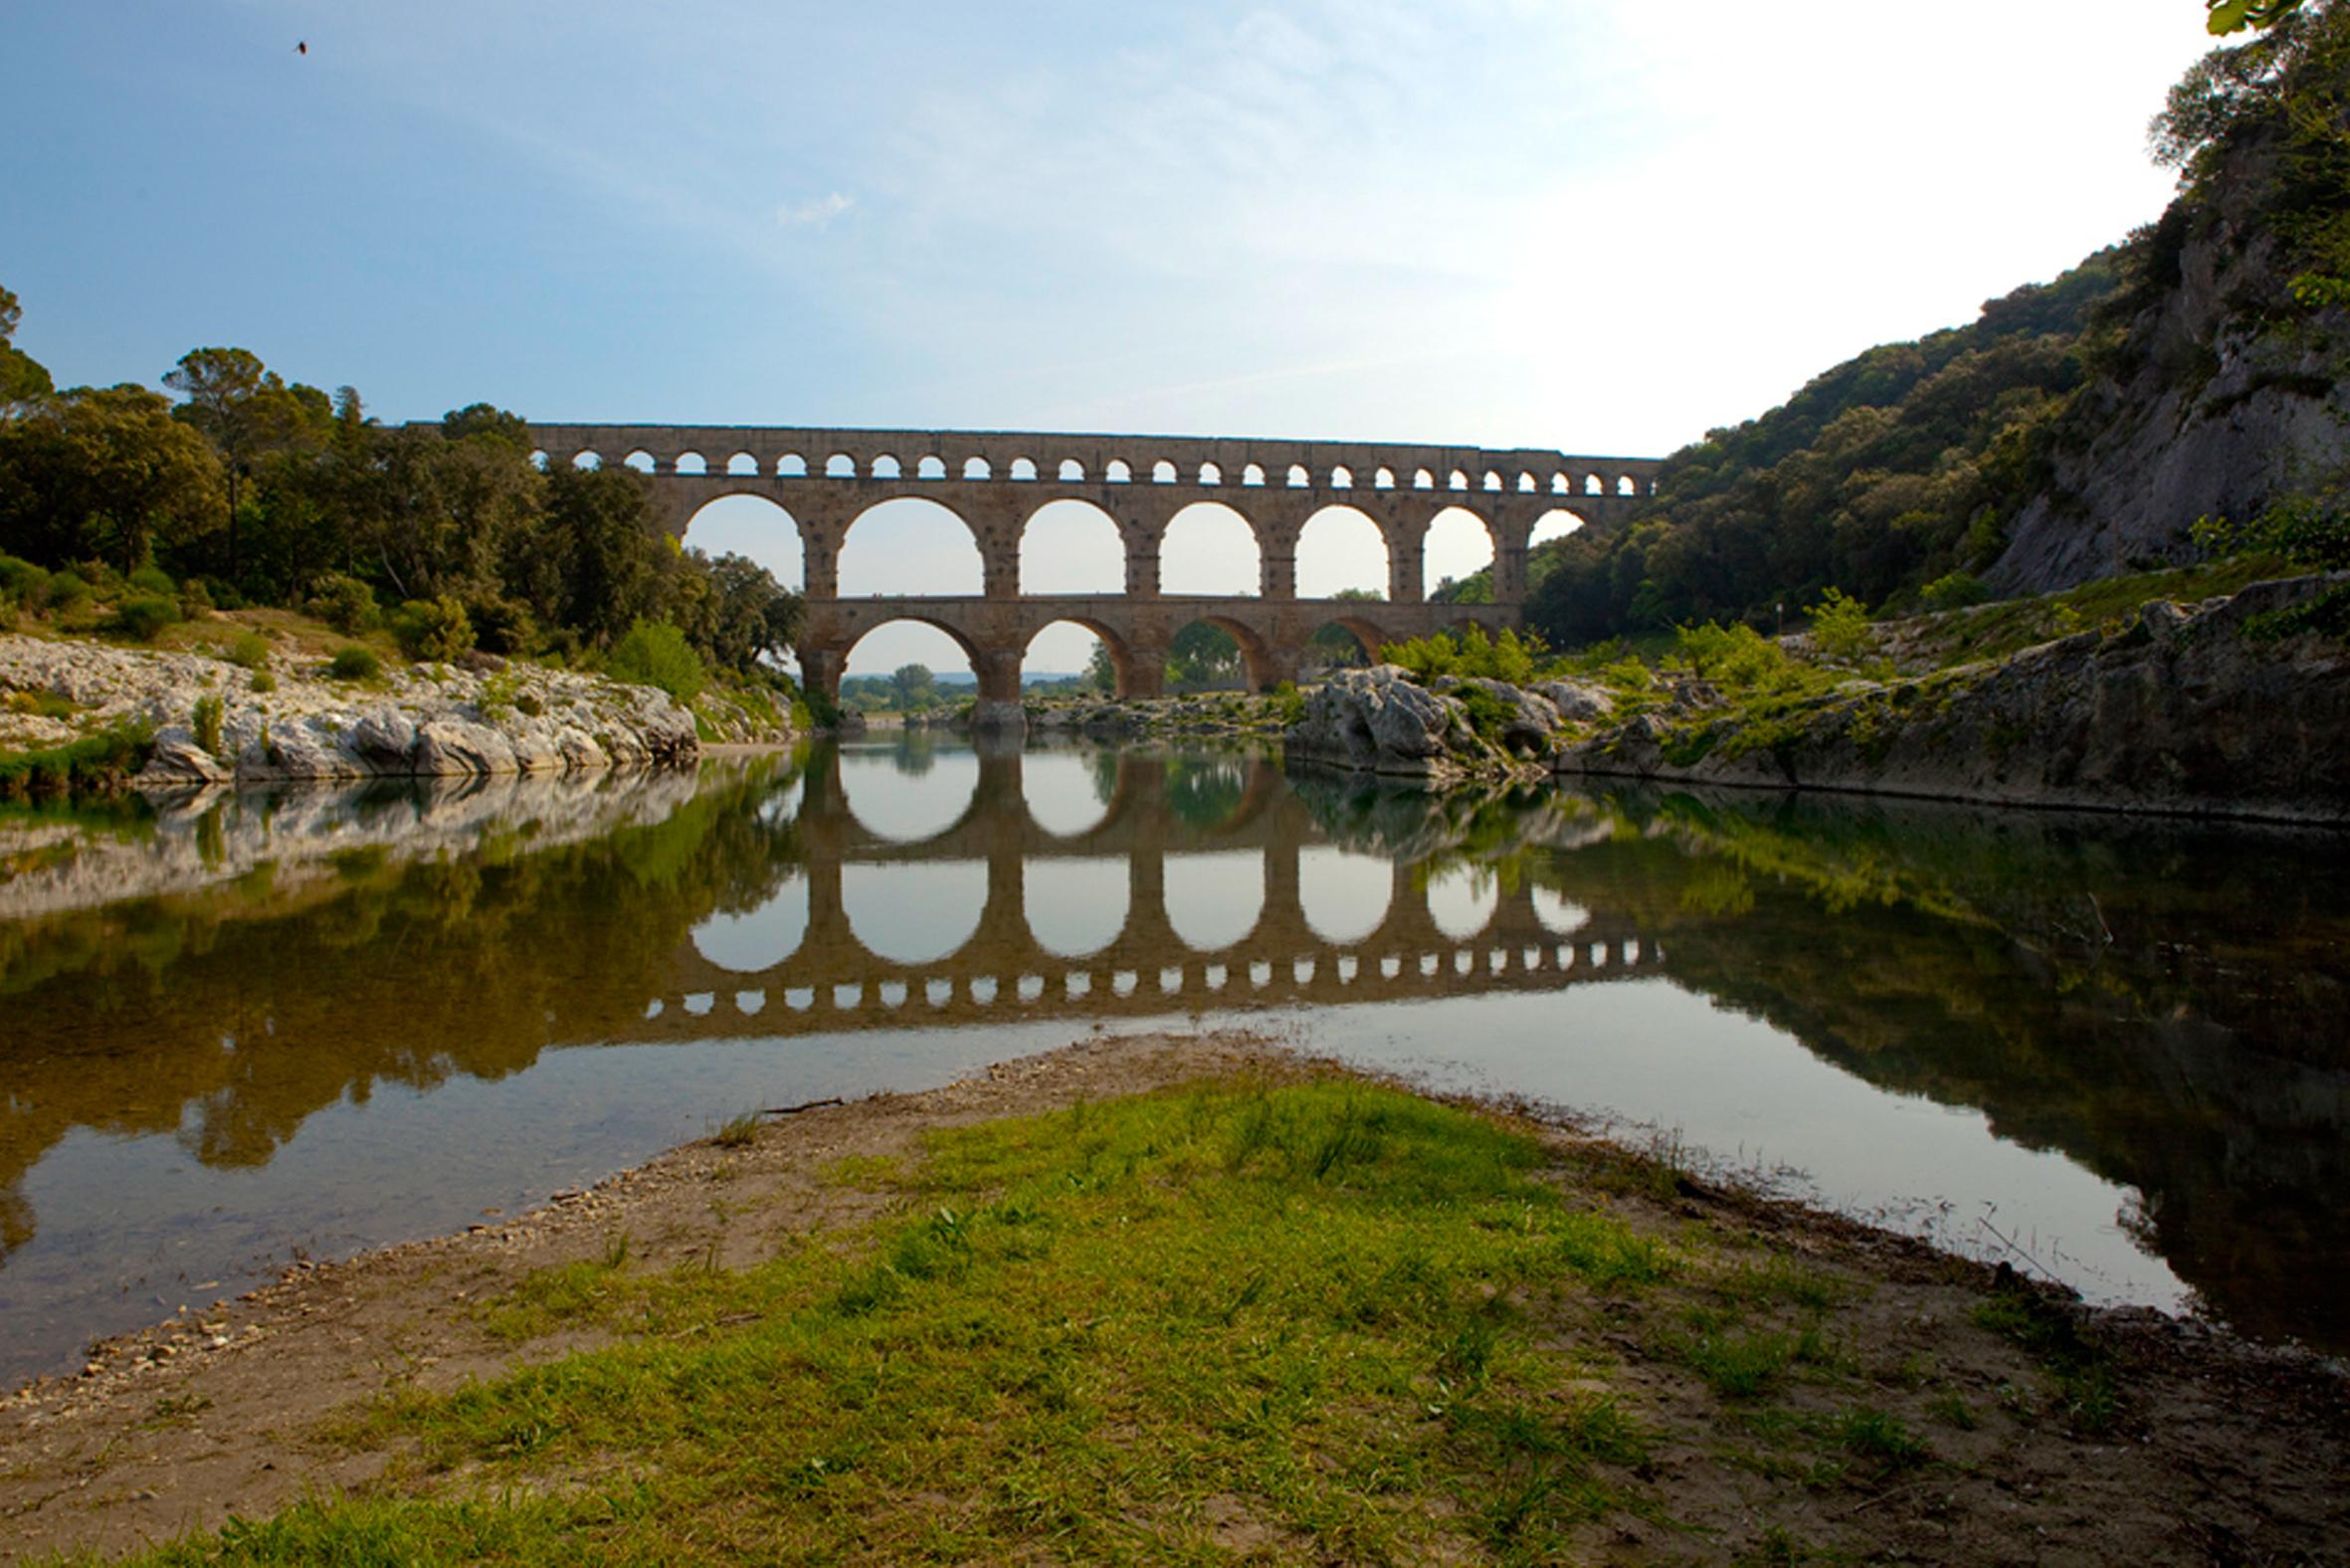 Vista da Pont Du Gard. O local é mesmo impactante pela engenharia e beleza